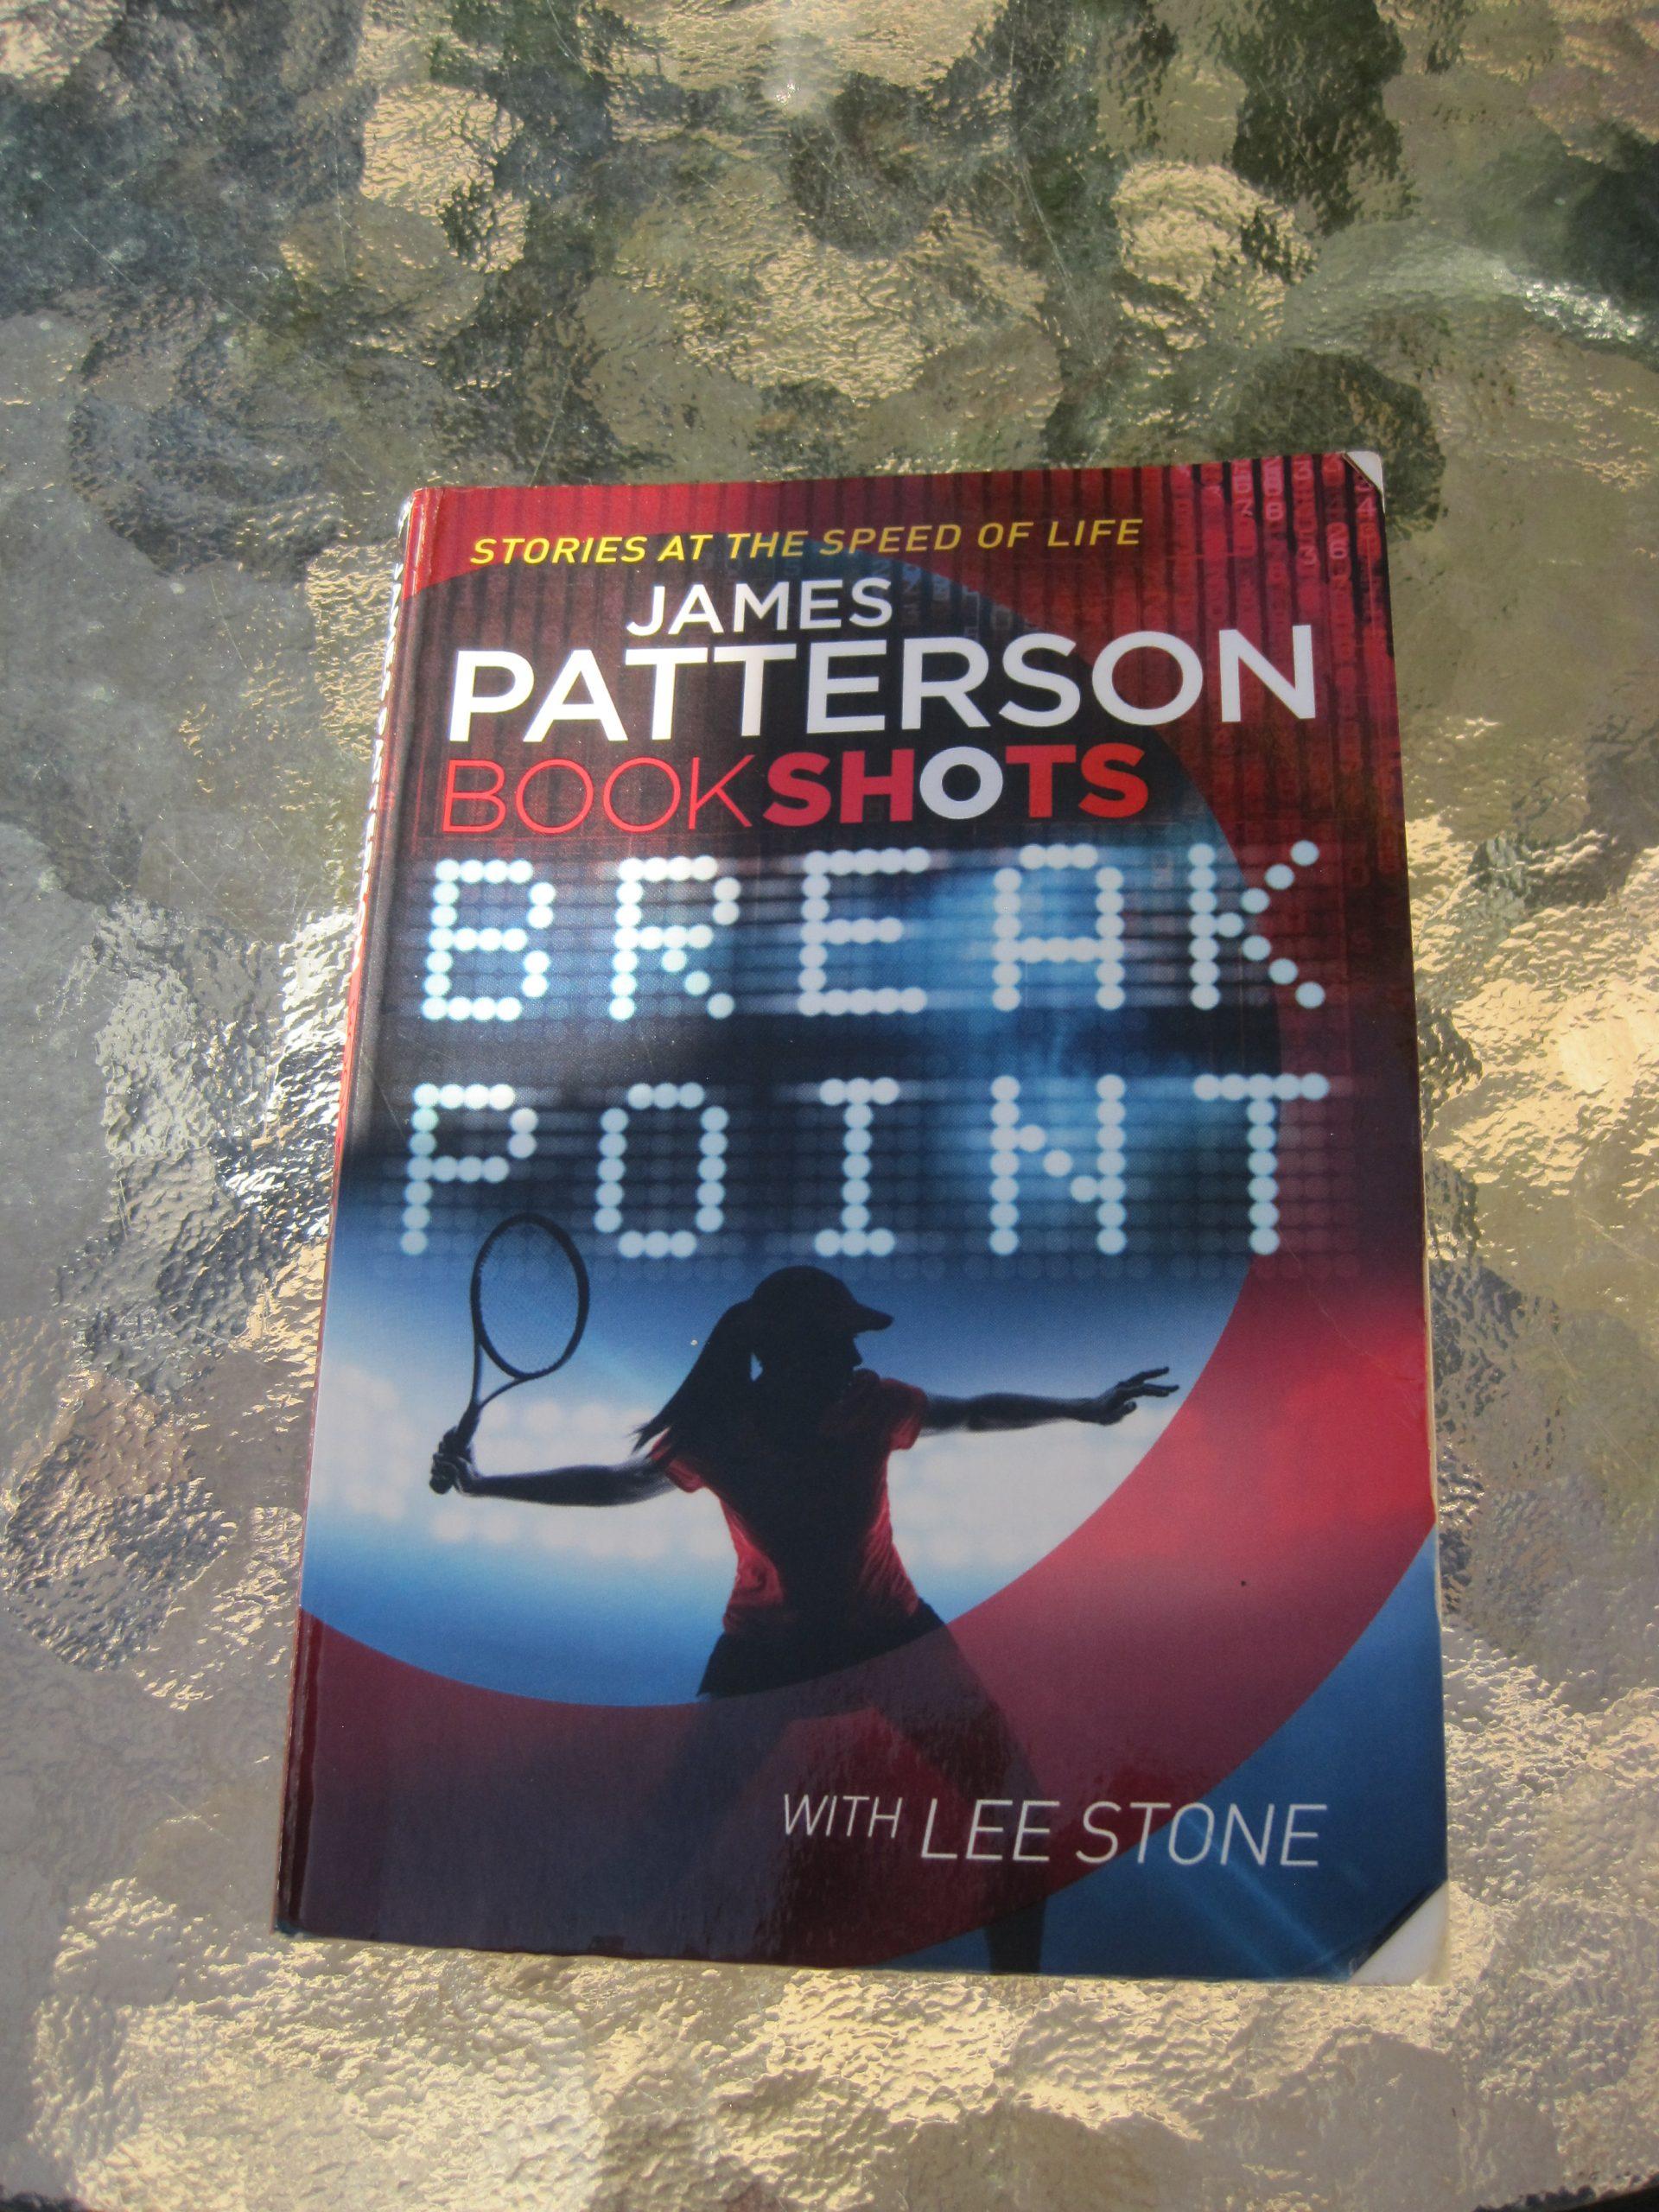 Break Point - photo by Juliamaud